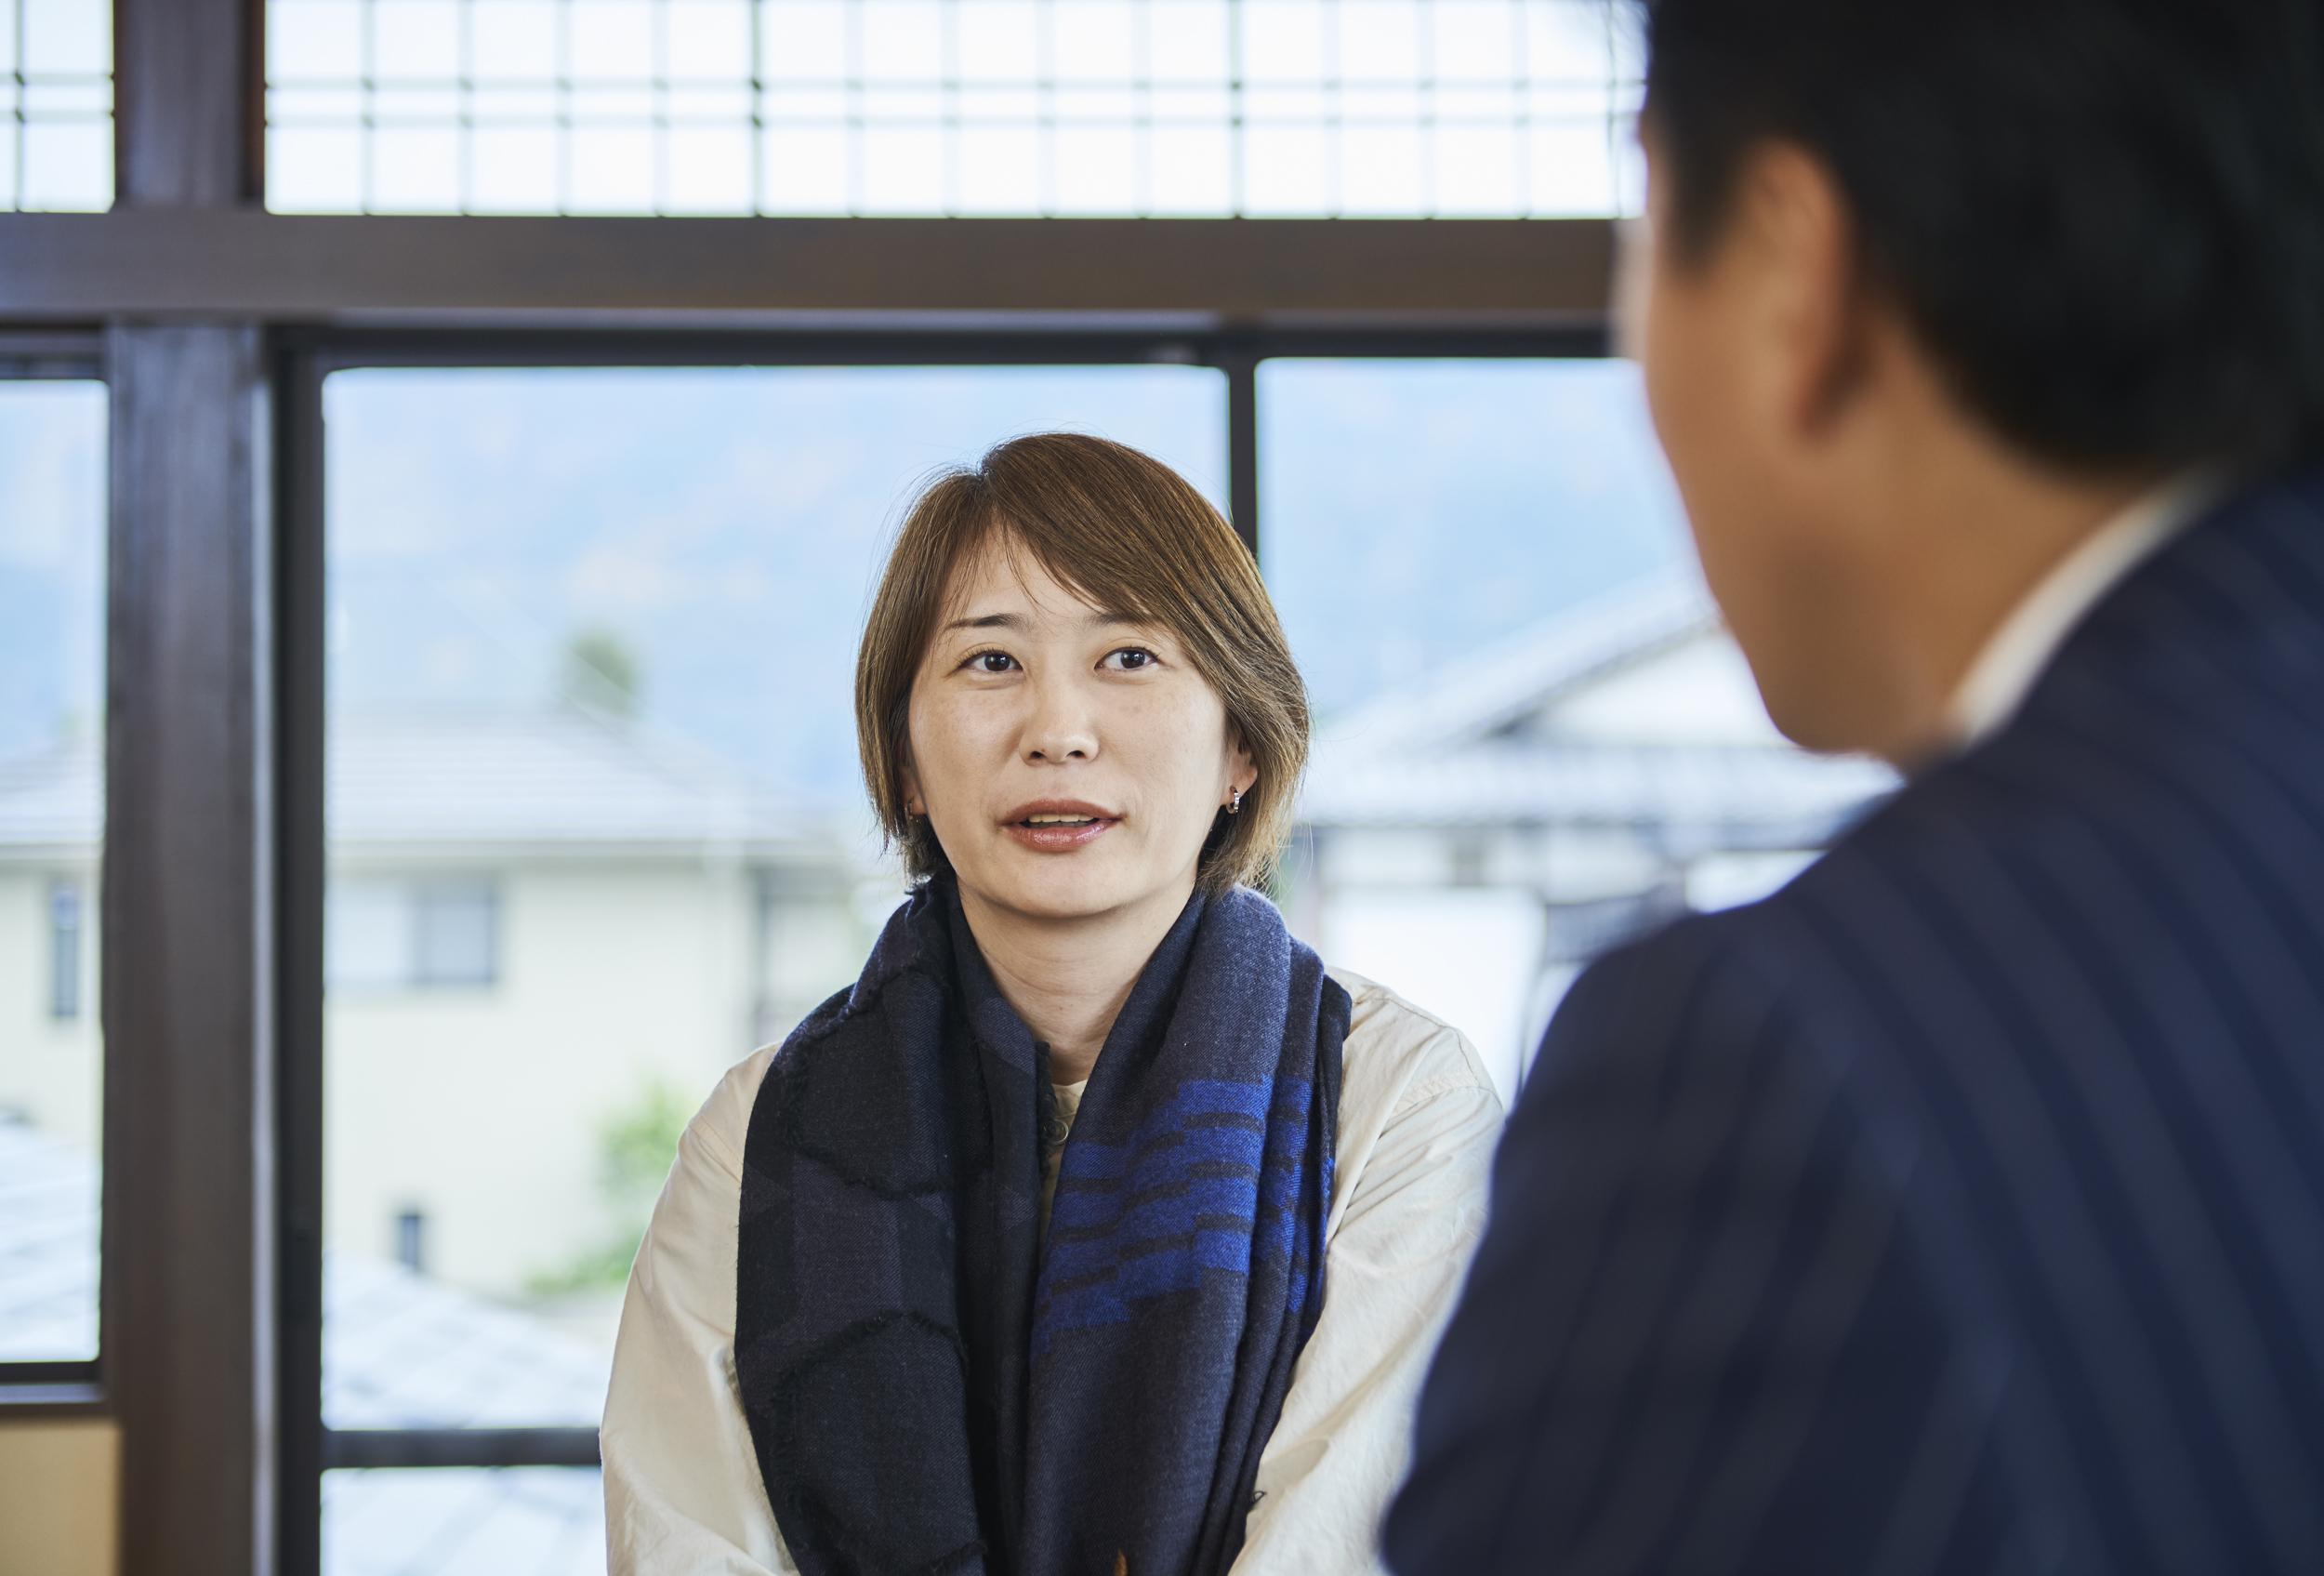 テキスタイルデザイナー梶原加奈子氏